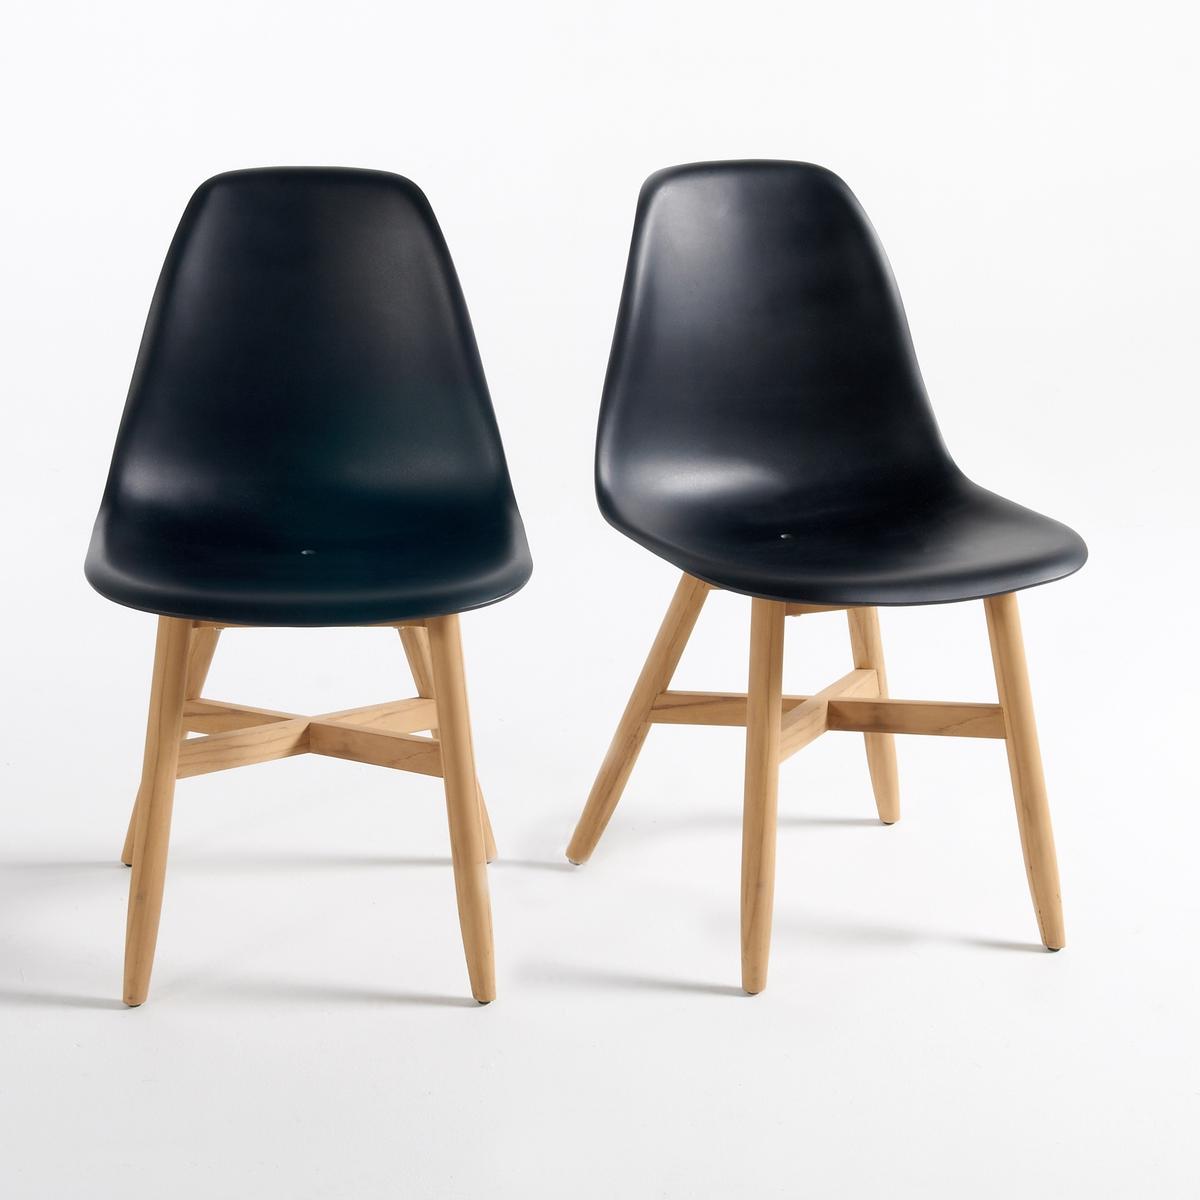 Комплект из 2 стульев для сада с сиденьем в форме раковины, Jimi стол для сада из акации fsc caleb